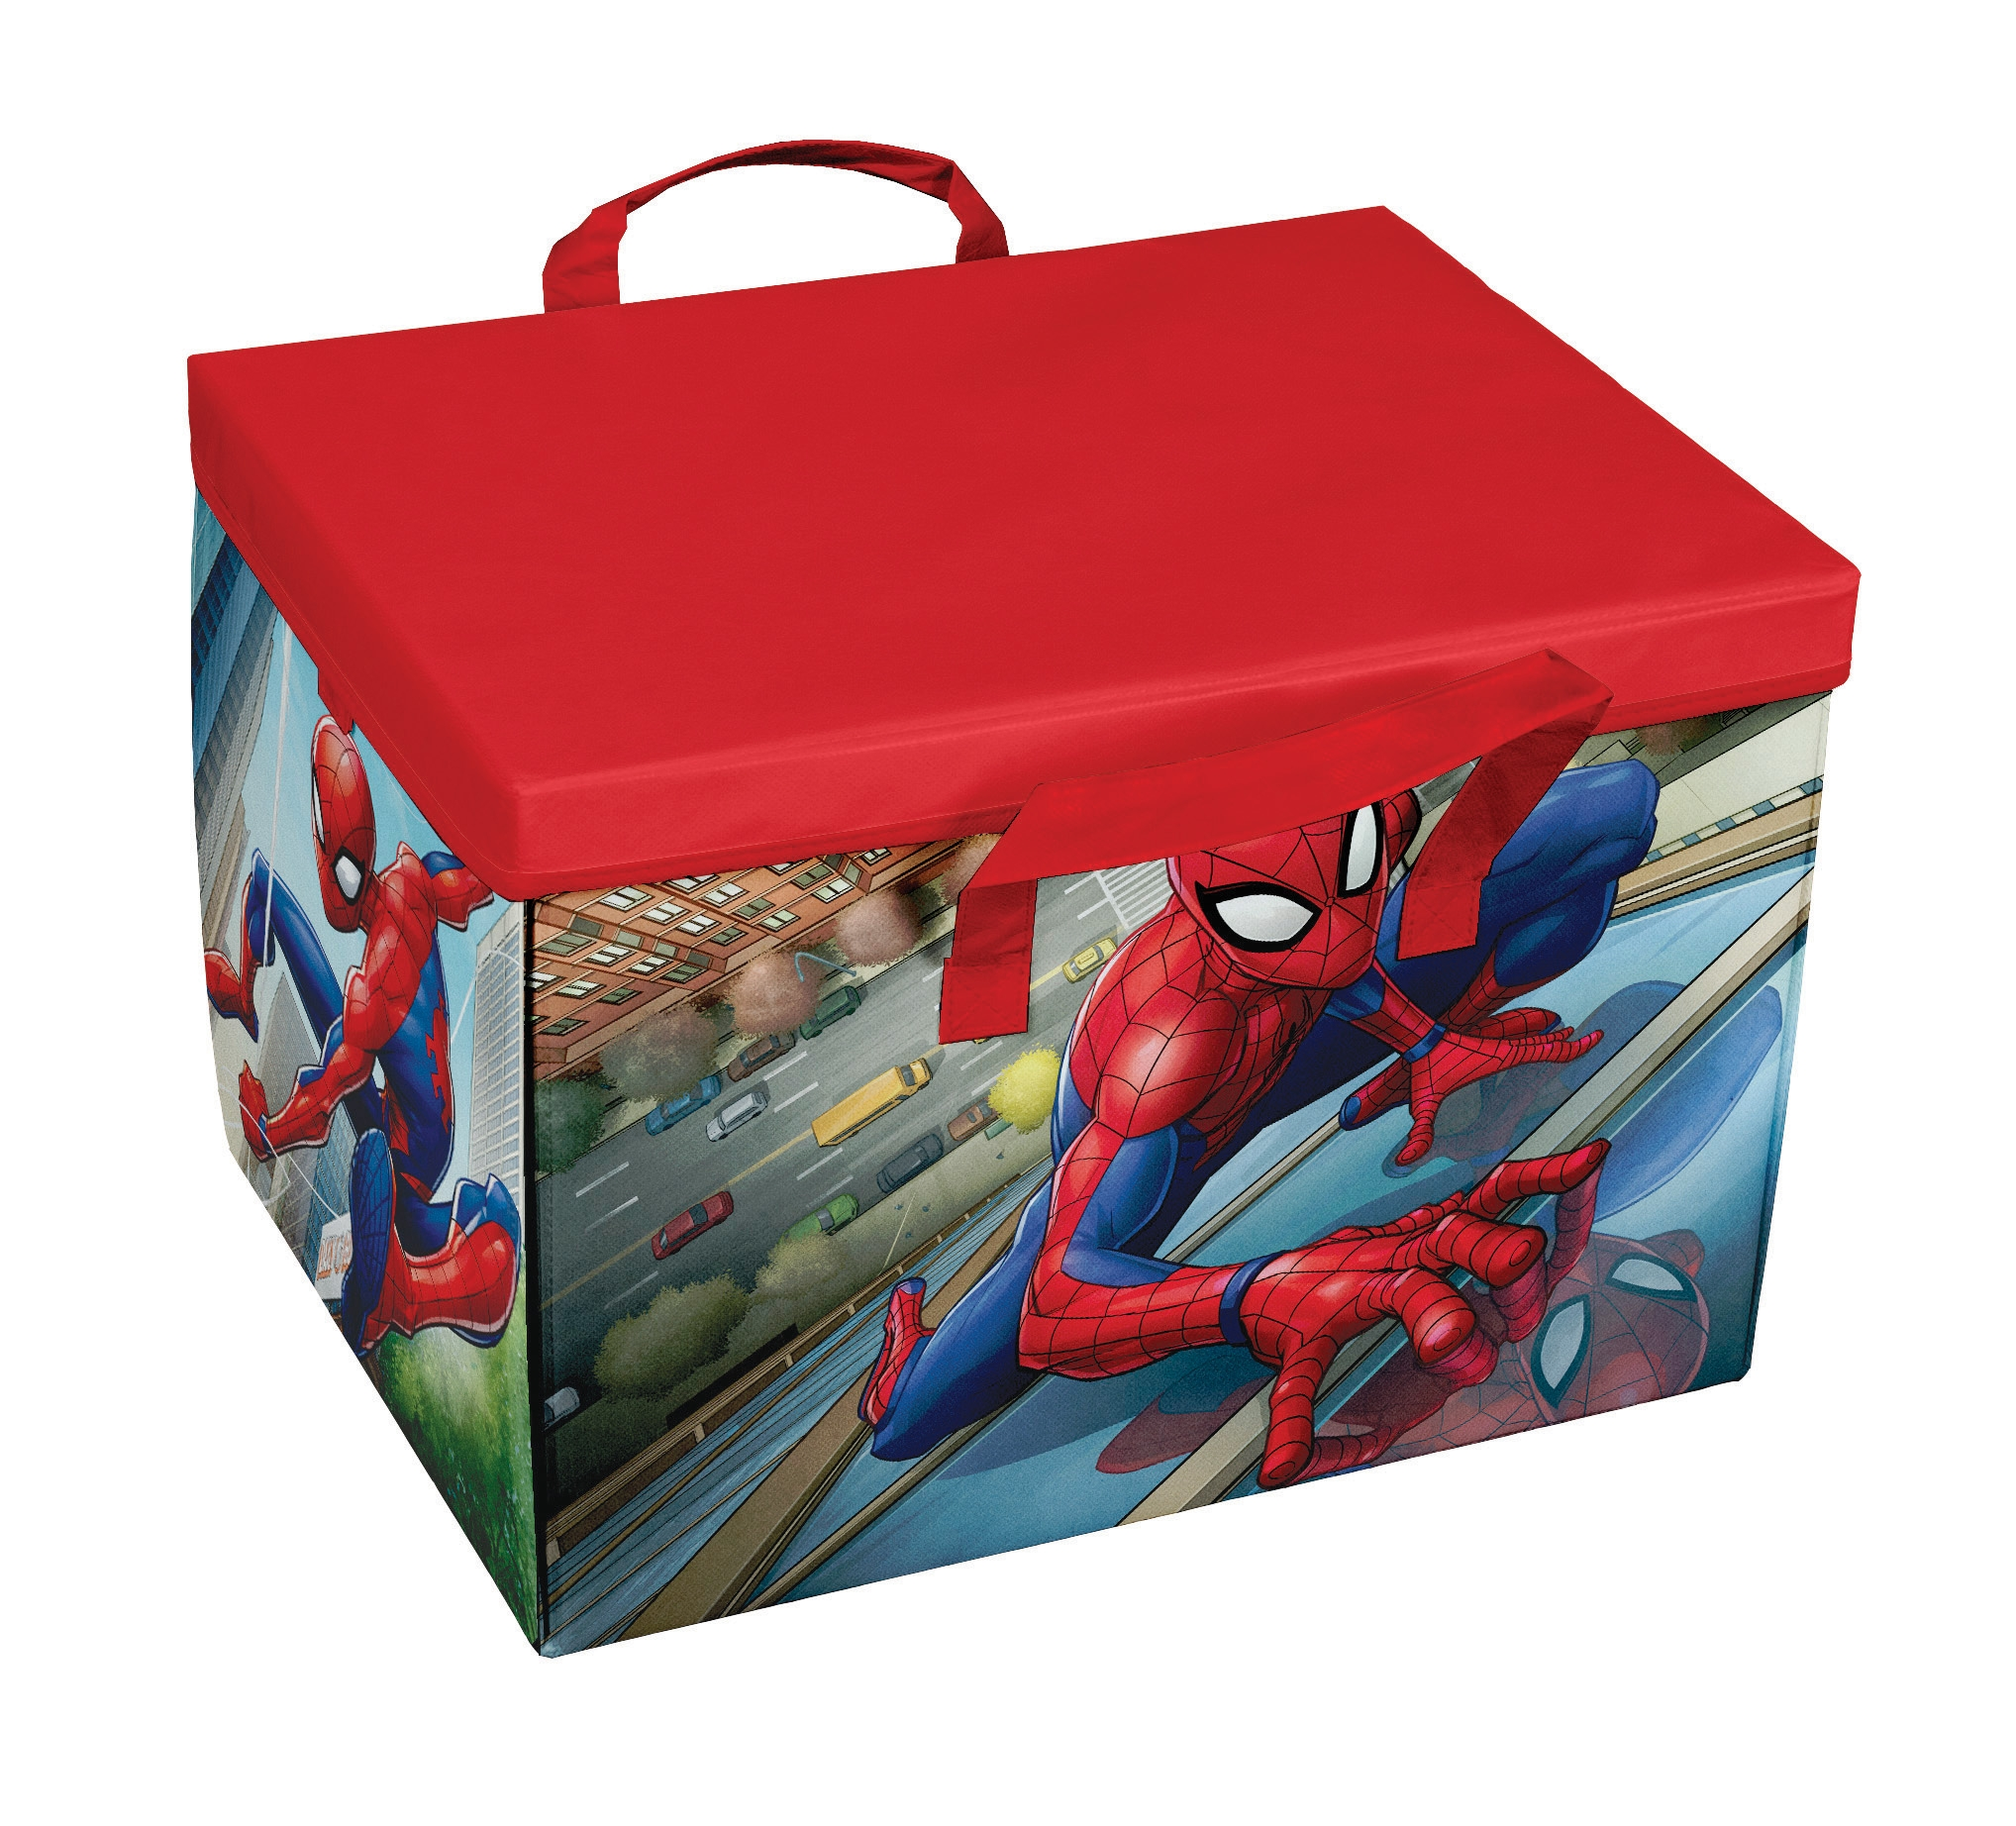 Cutie pentru depozitare jucarii 2 in 1, Spiderman Play Rosu, L41xl31xH28 cm imagine